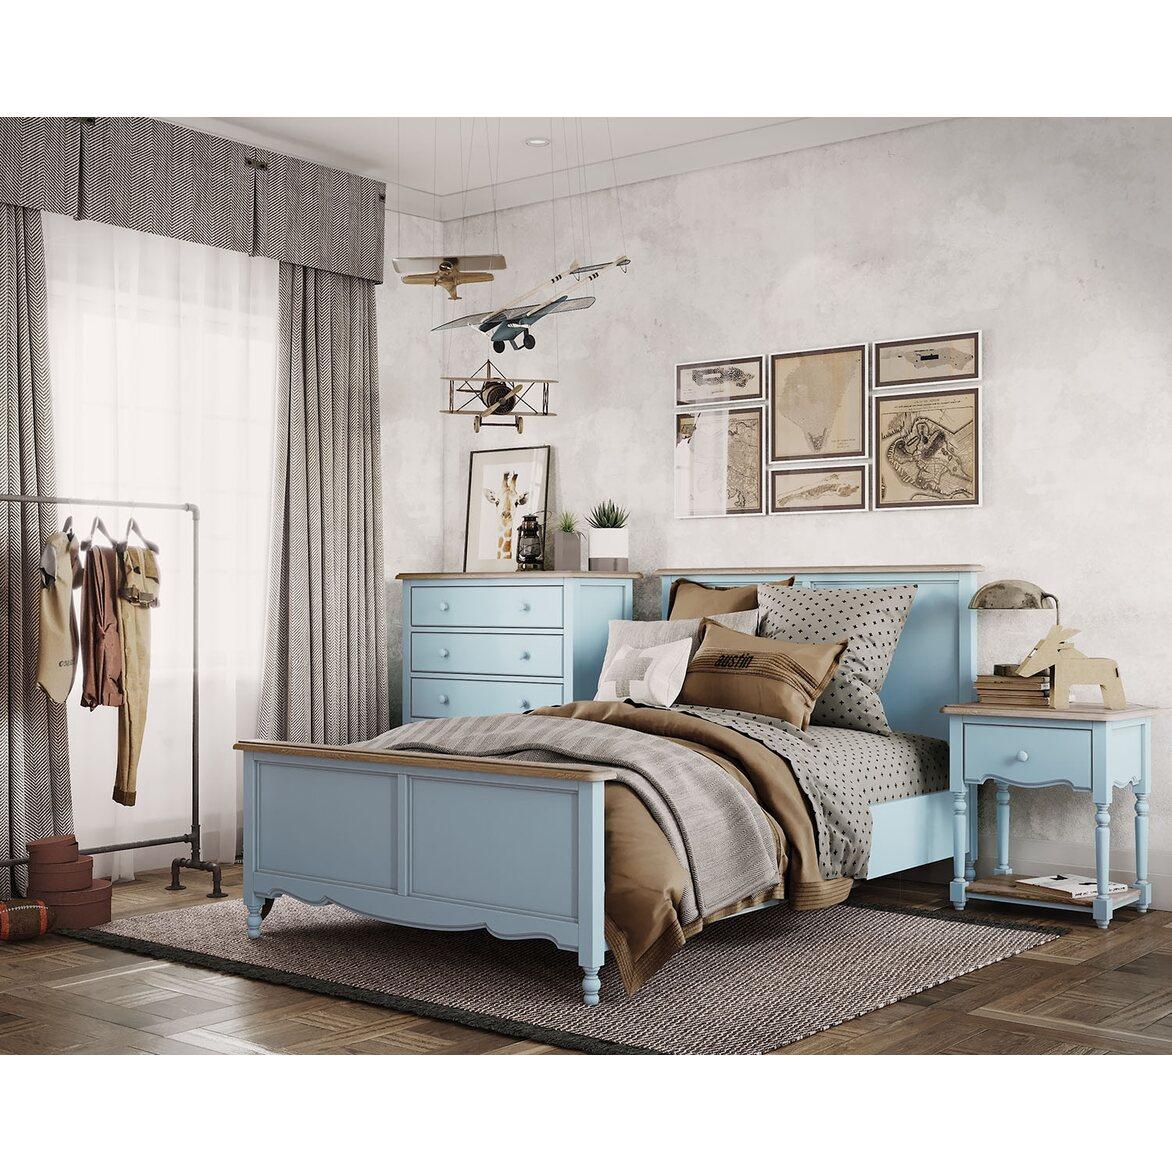 Кровать односпальная 120*200 Leblanc, голубая 5 | Односпальные кровати Kingsby